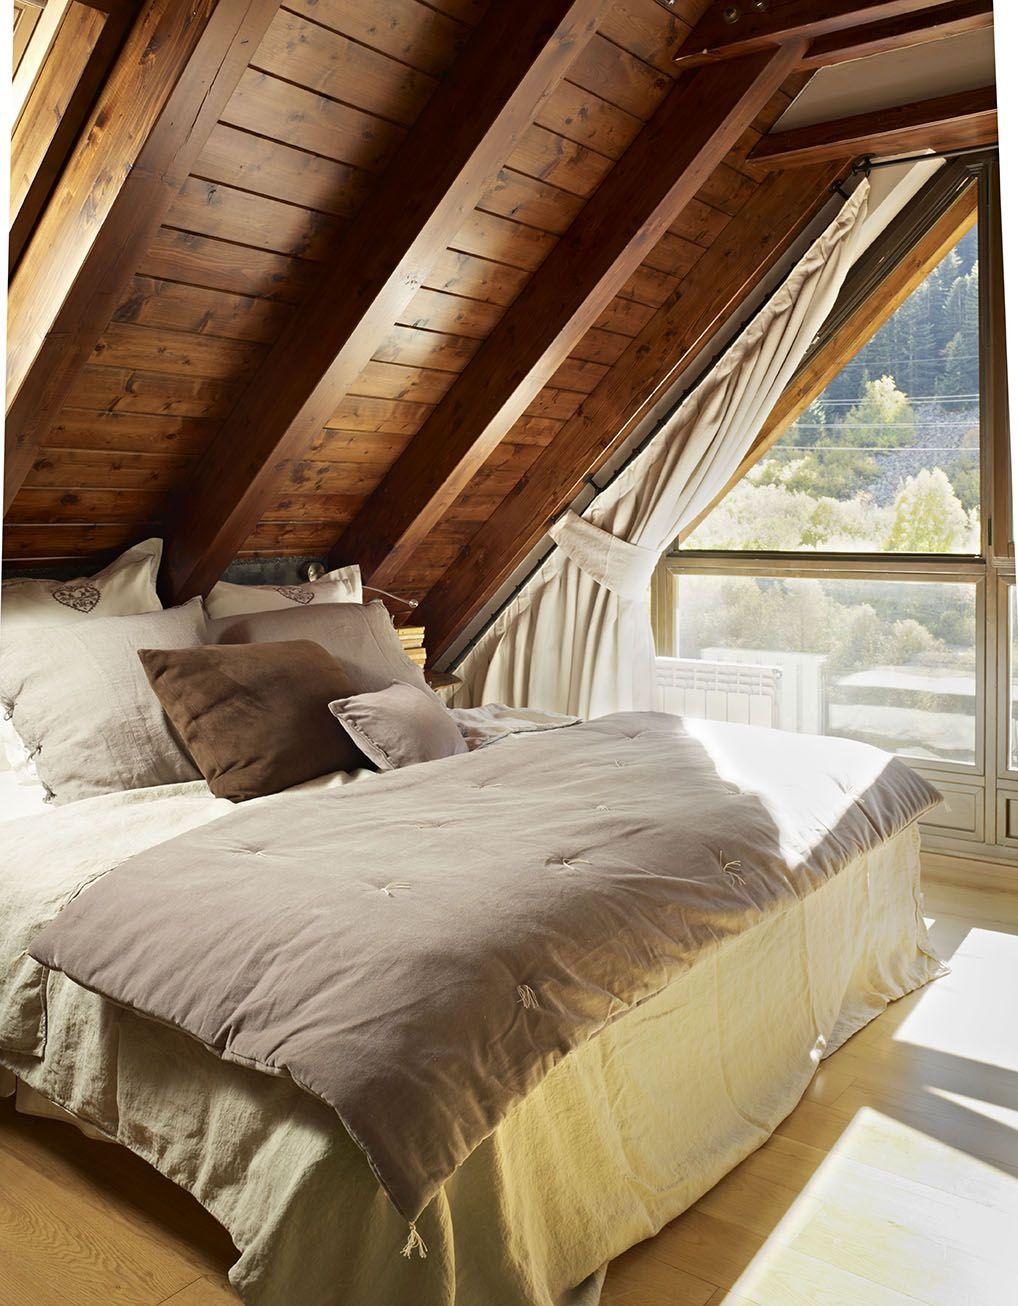 Un refugio de madera ba ado por el sol dise o - Refugios de madera prefabricados ...